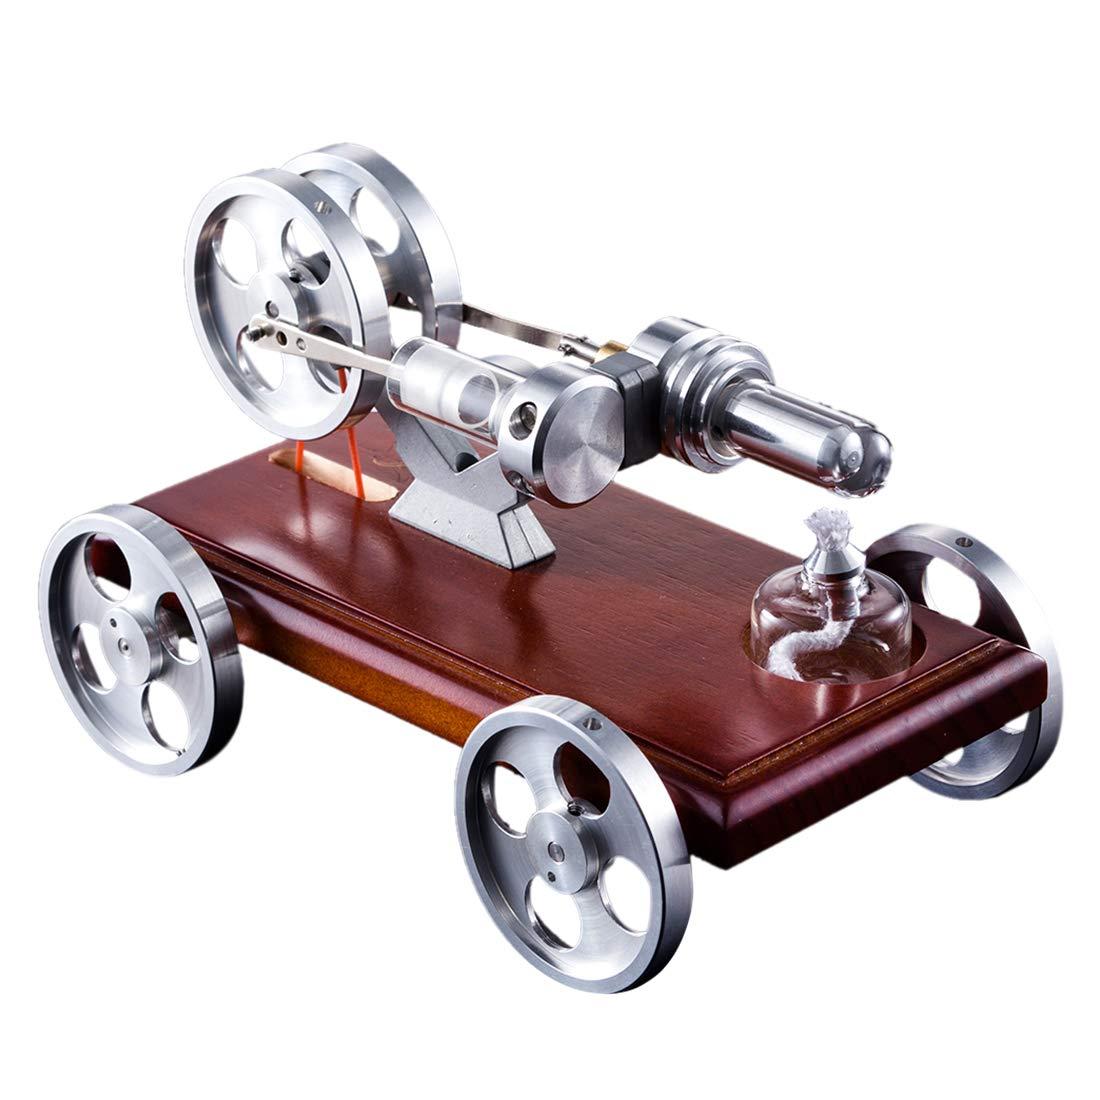 YVSoo Stirlingmotor Bausatz Auto 1 Zylinder Stirling Engine Kit Motormodell Motor Spielzeug Physikalische Wissenschaft für Kind, Teenager